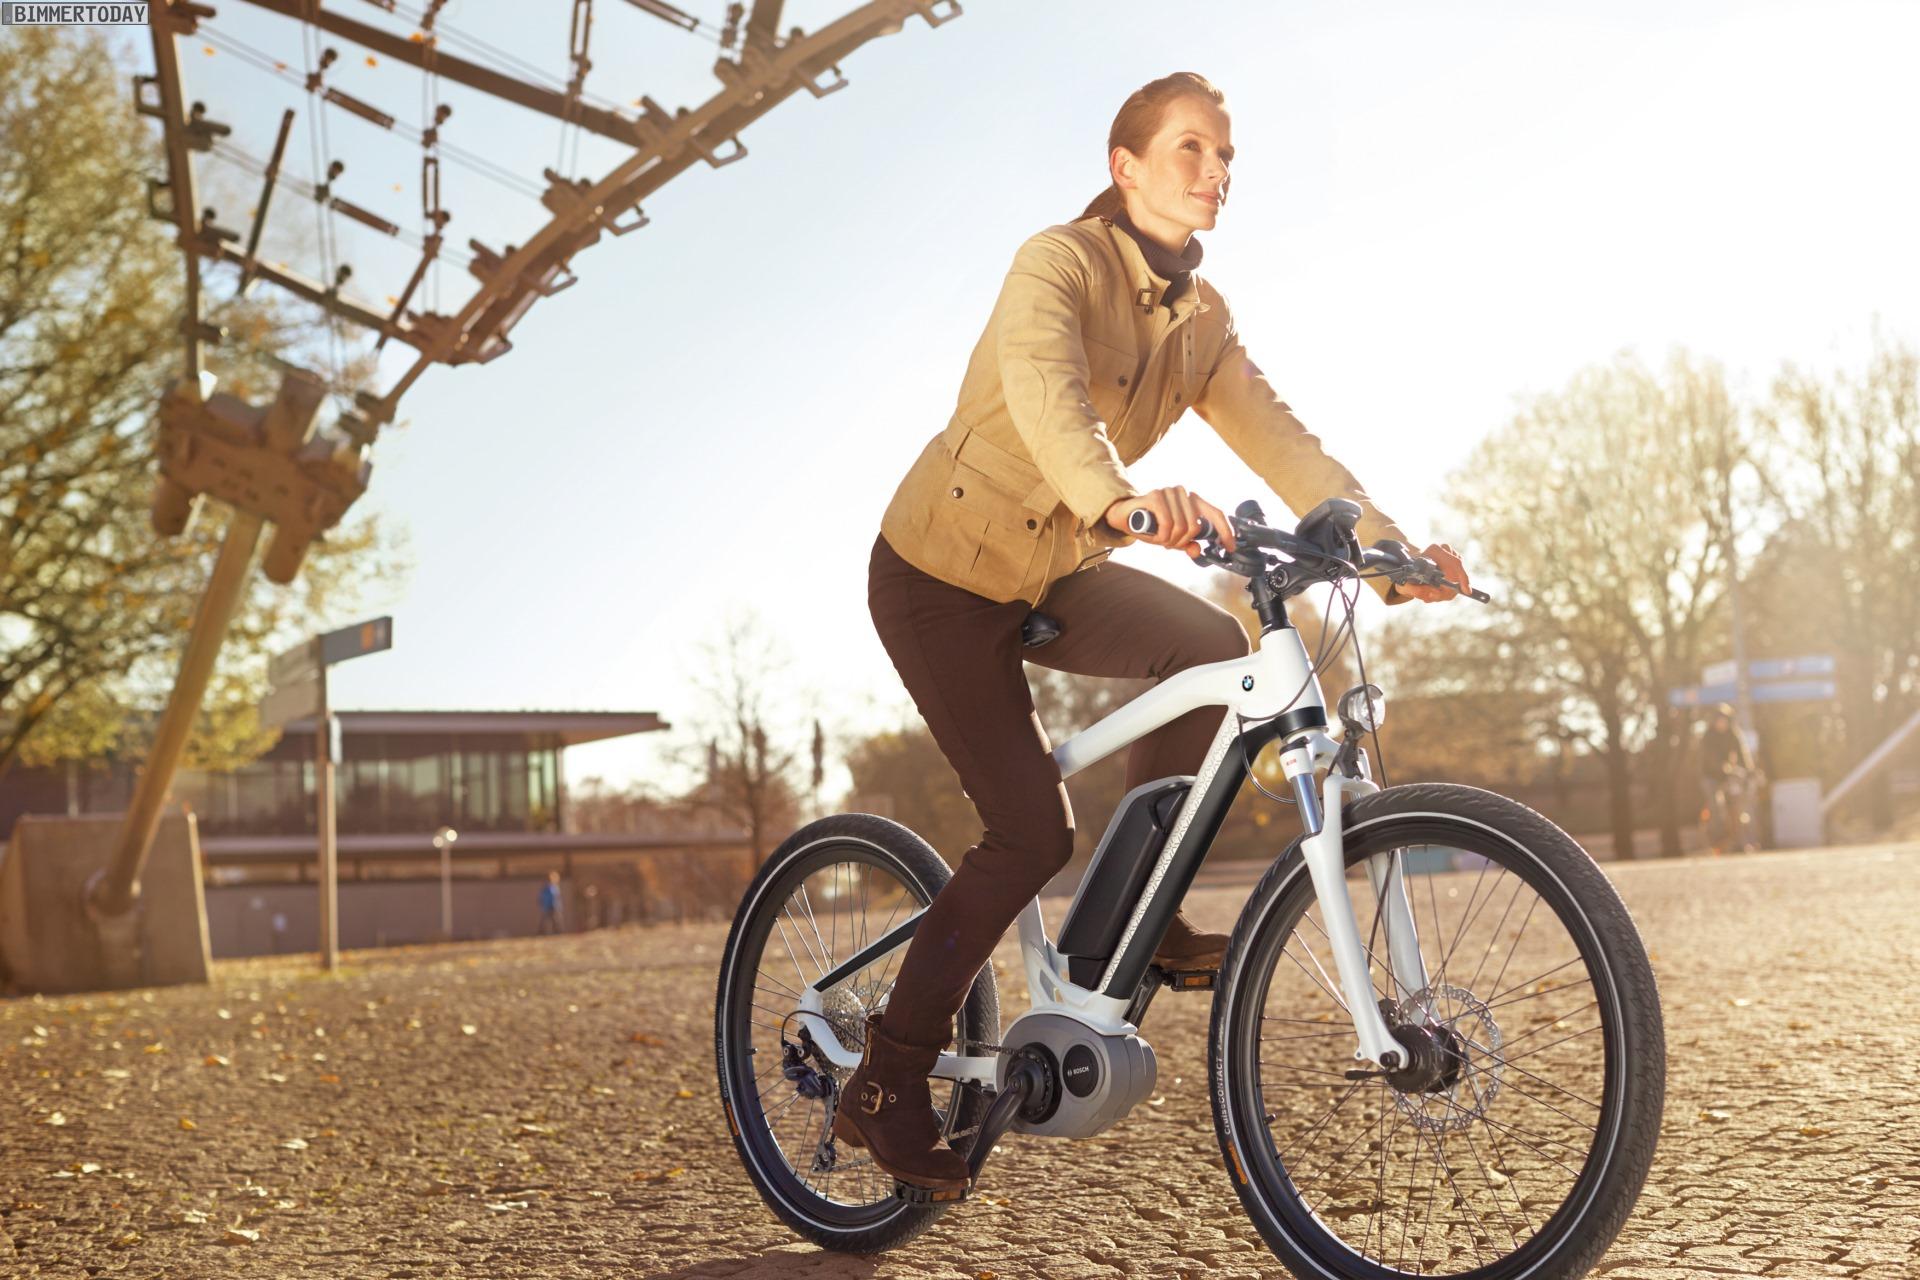 leaserad statt auto bmw bringt mitarbeiter aufs fahrrad. Black Bedroom Furniture Sets. Home Design Ideas